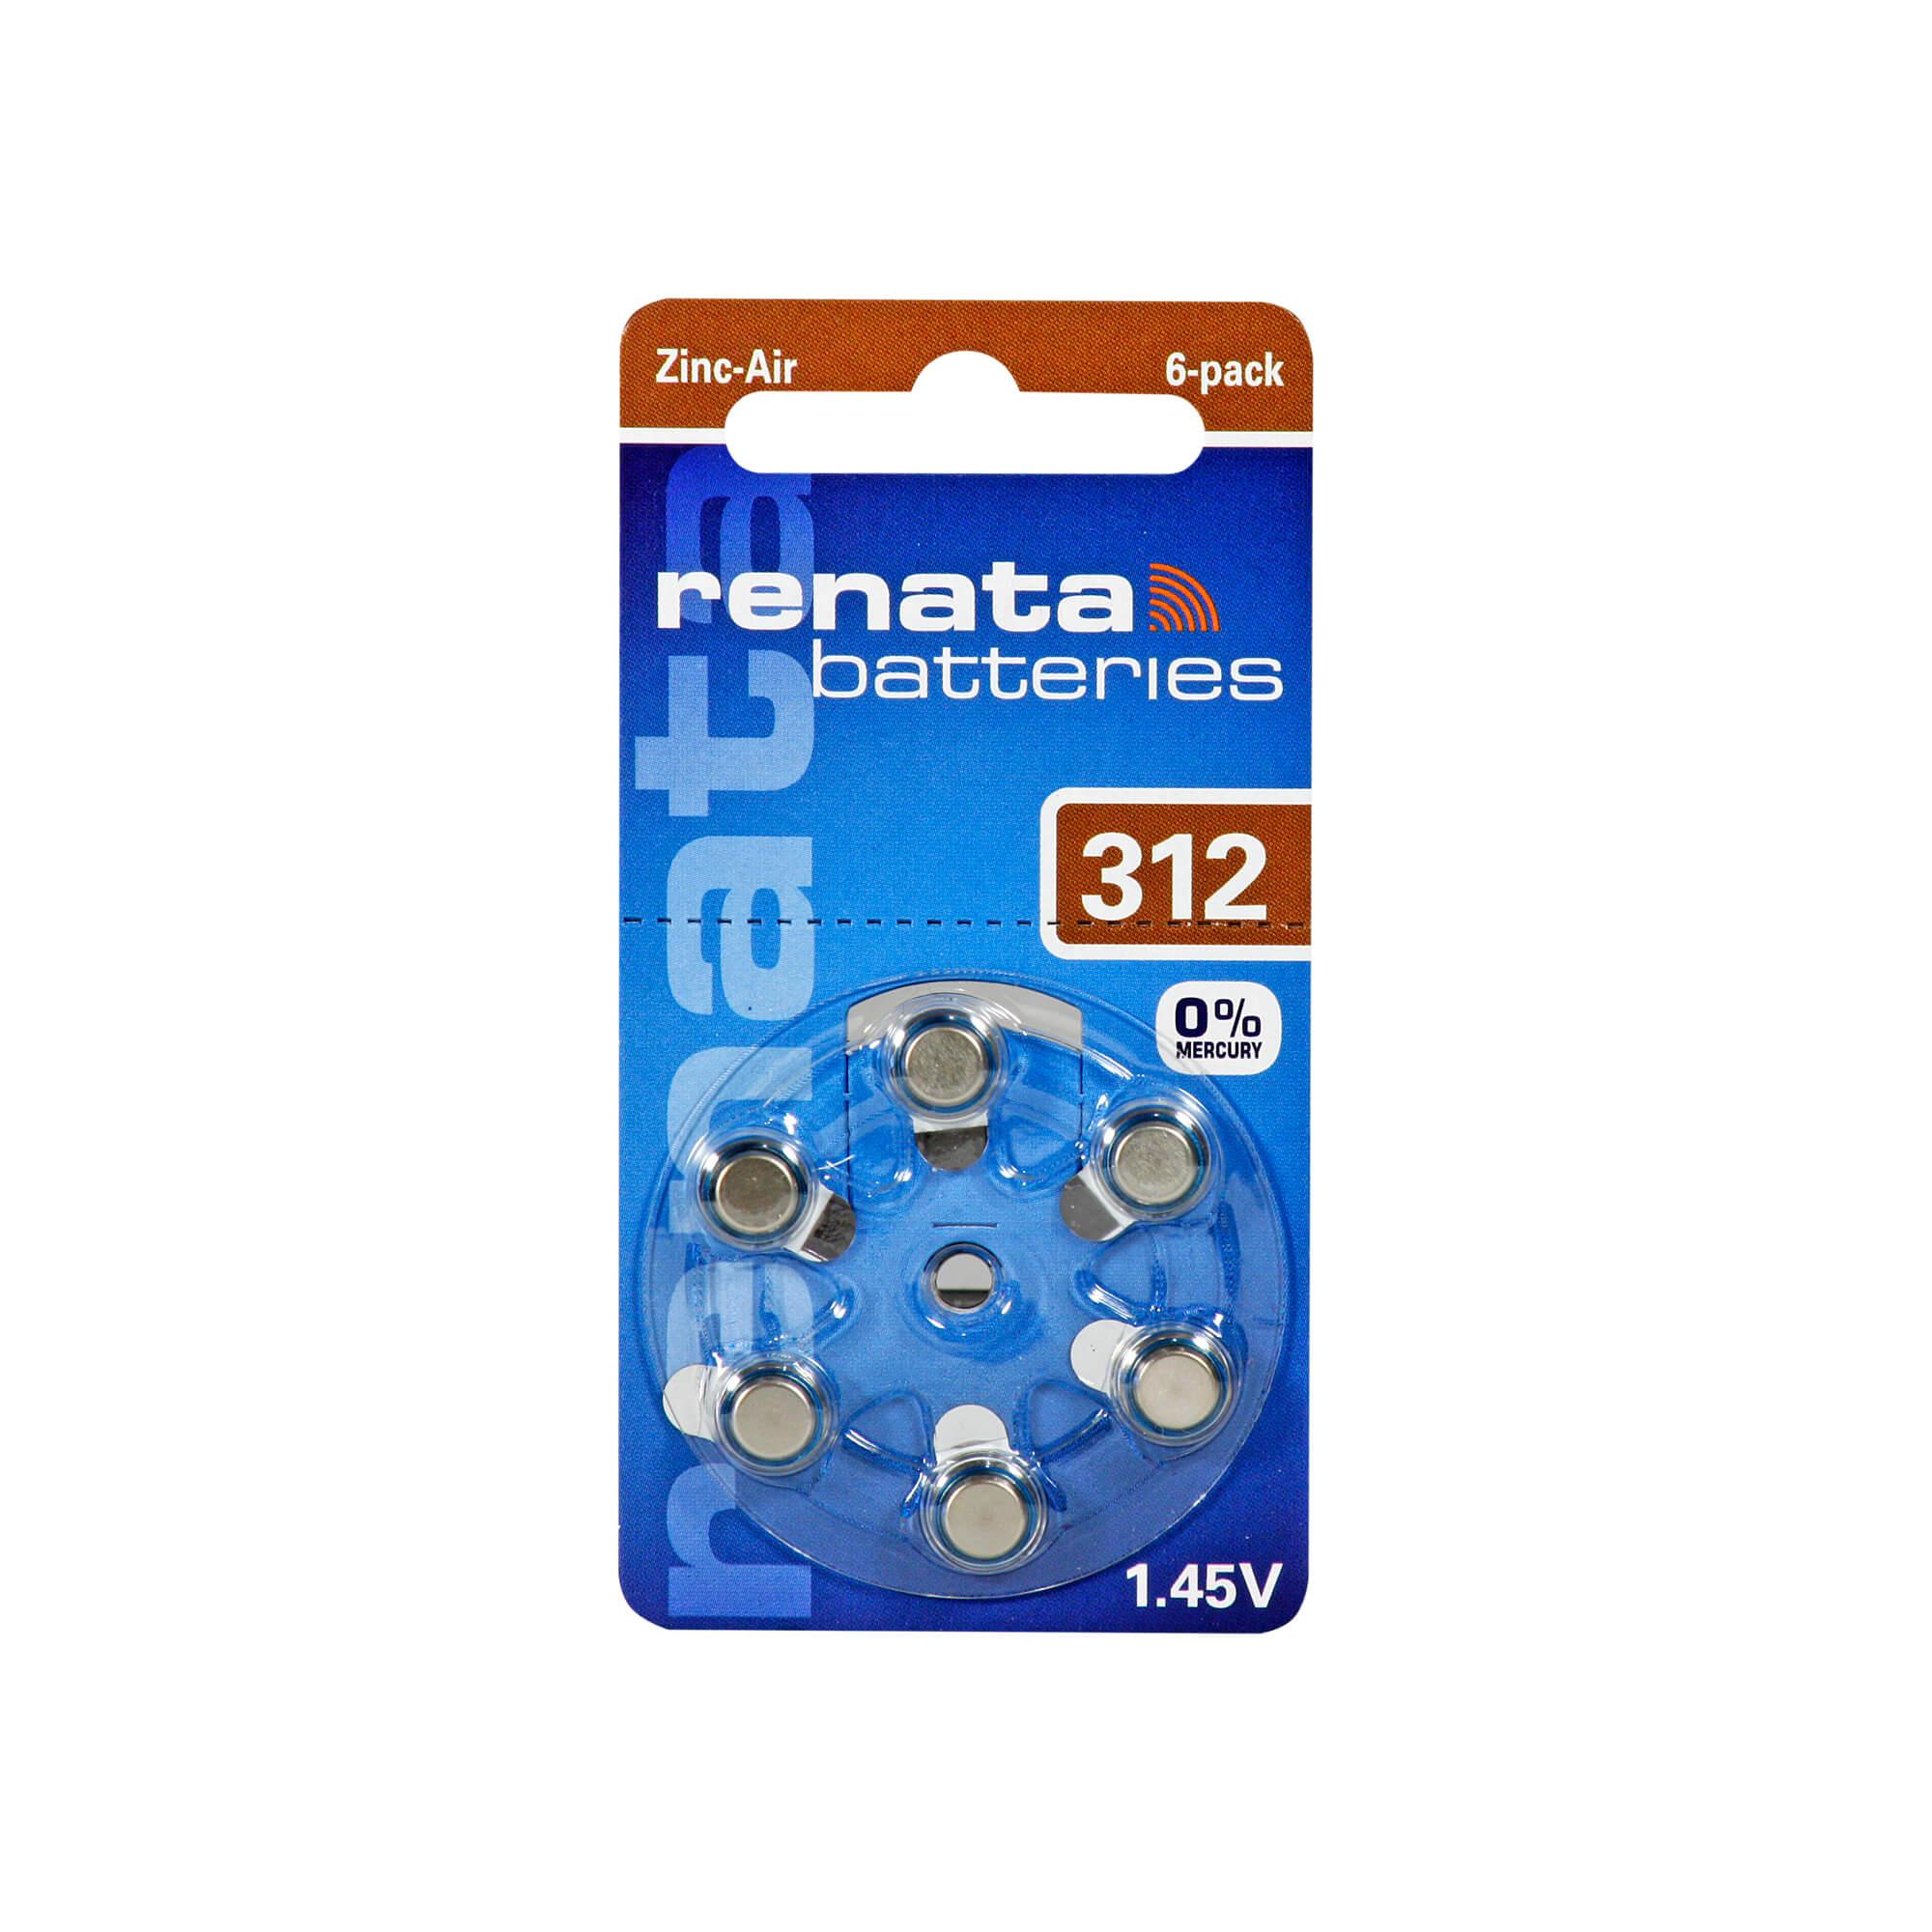 Renata Hörgerätebatterie ZA 312 DP6 0% HG